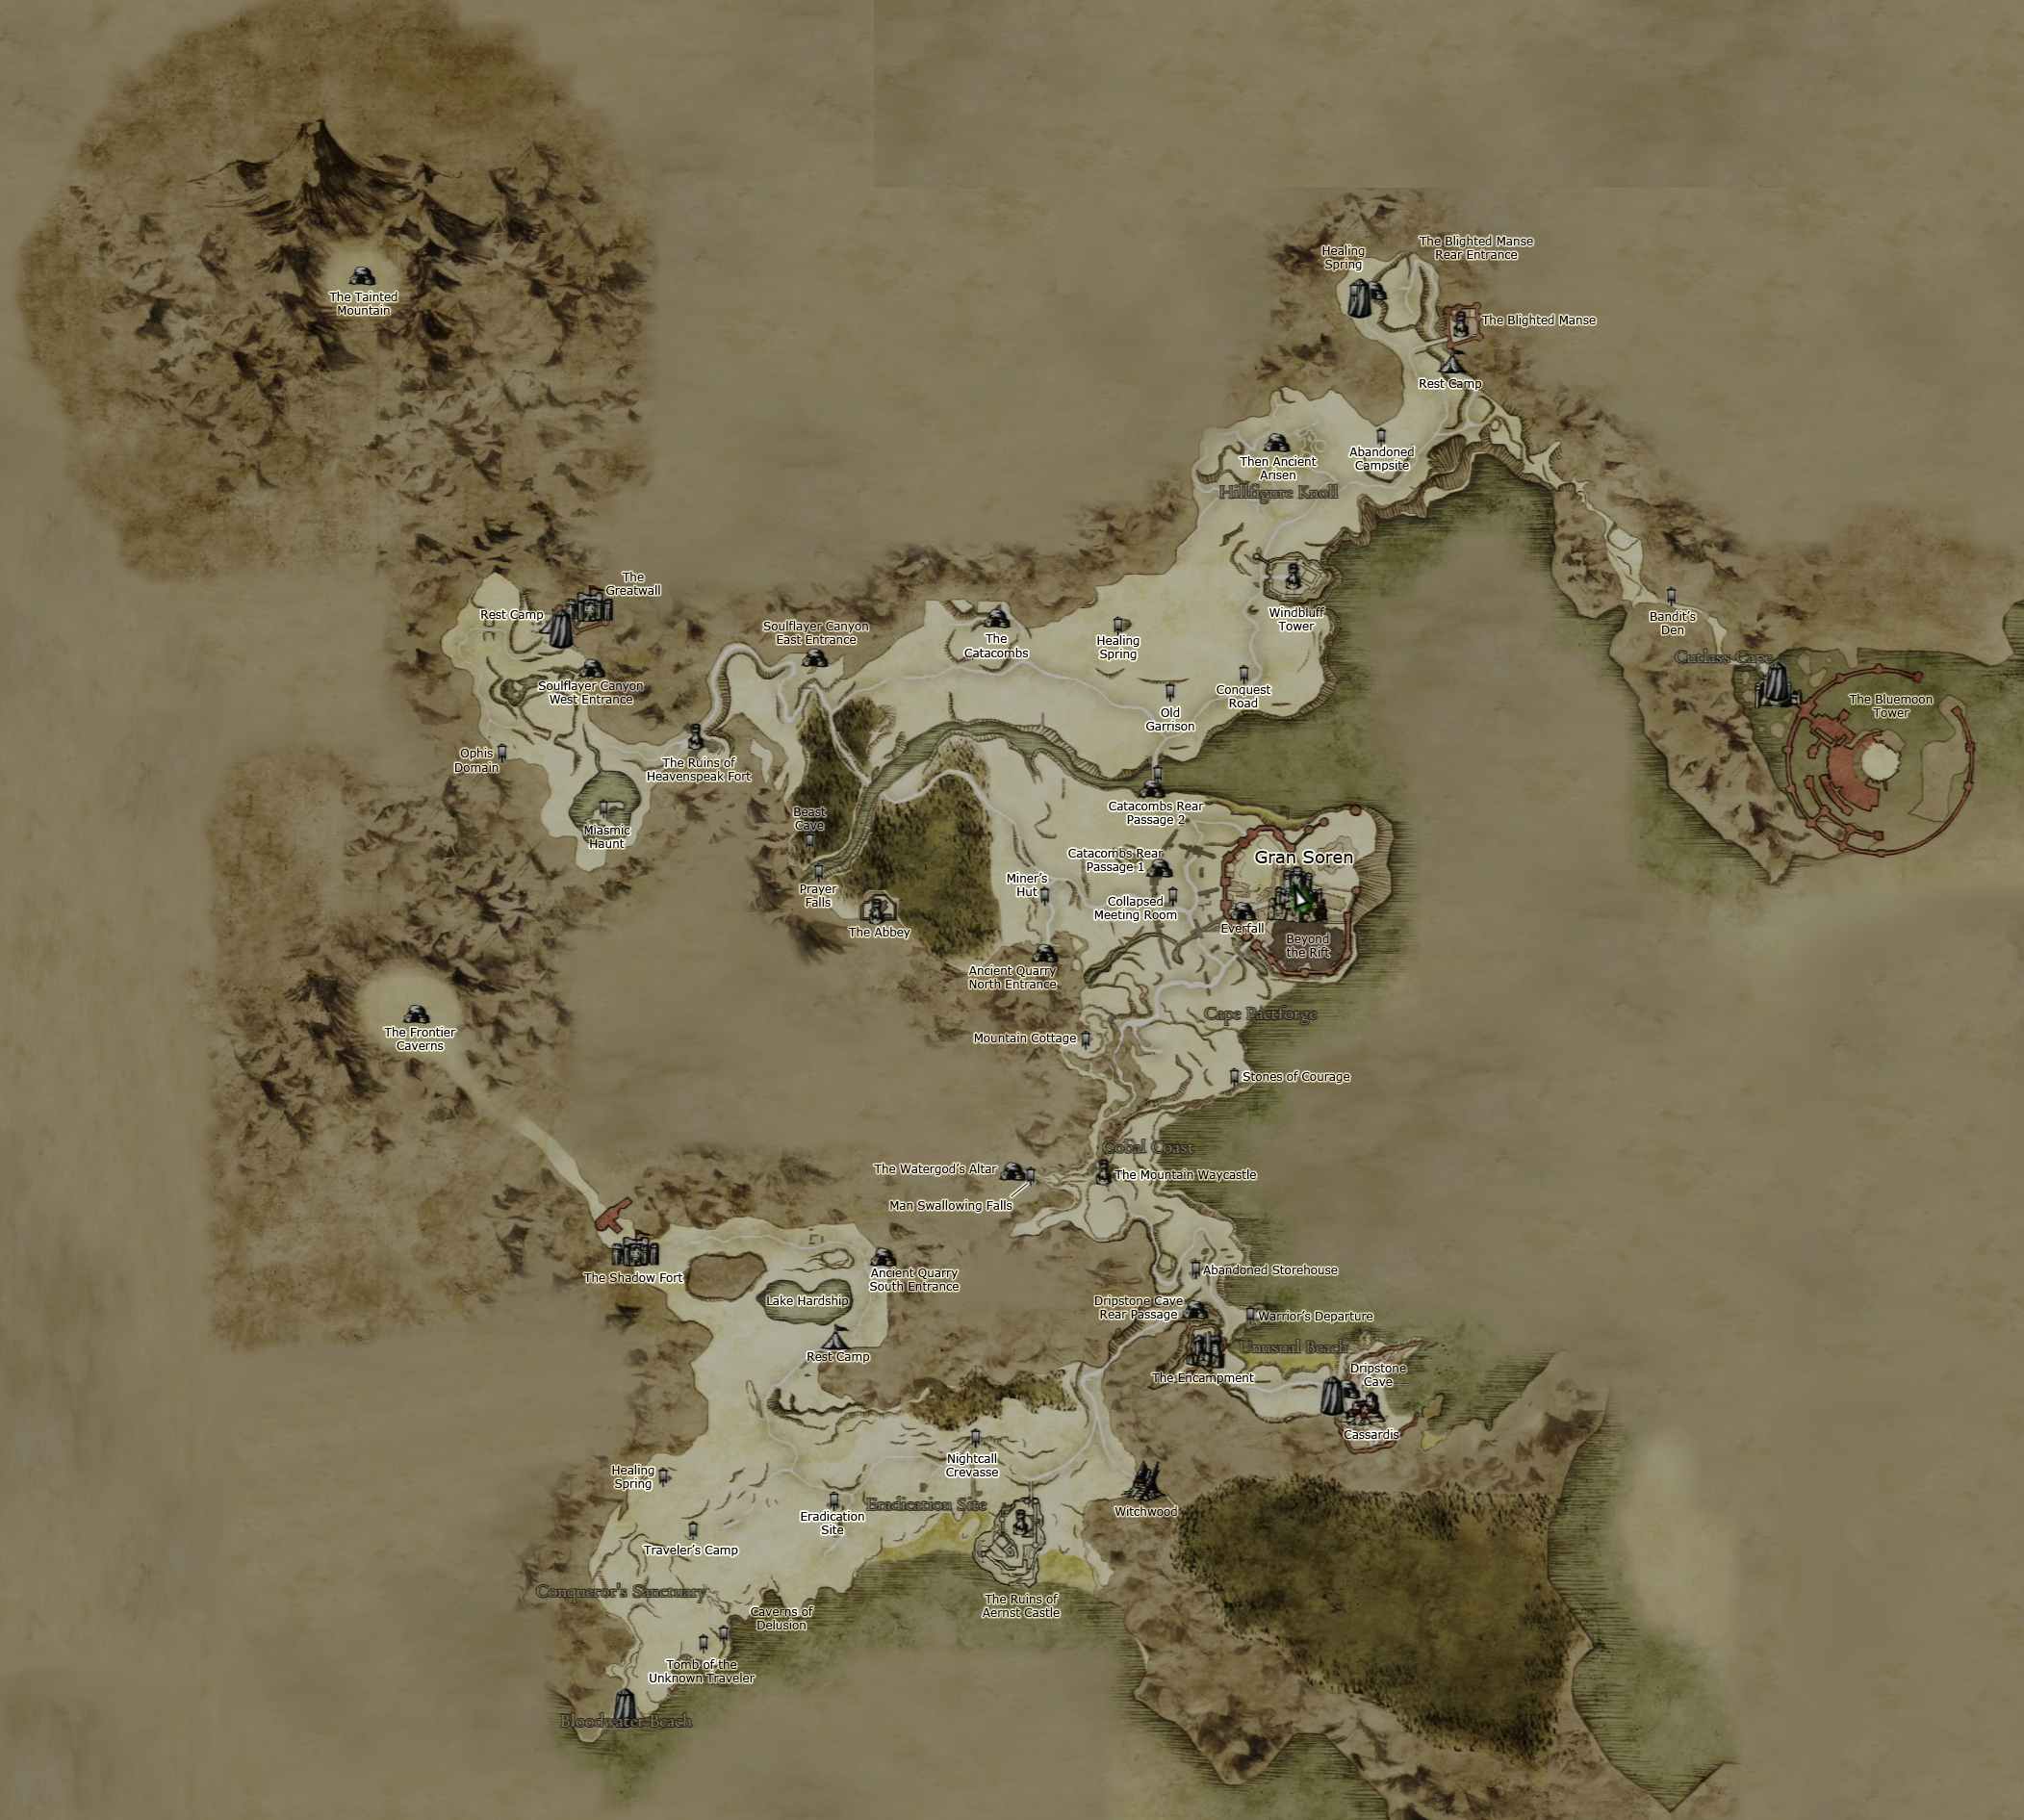 Dragons Dogma Map Category:Locations | Dragon's Dogma Wiki | FANDOM powered by Wikia